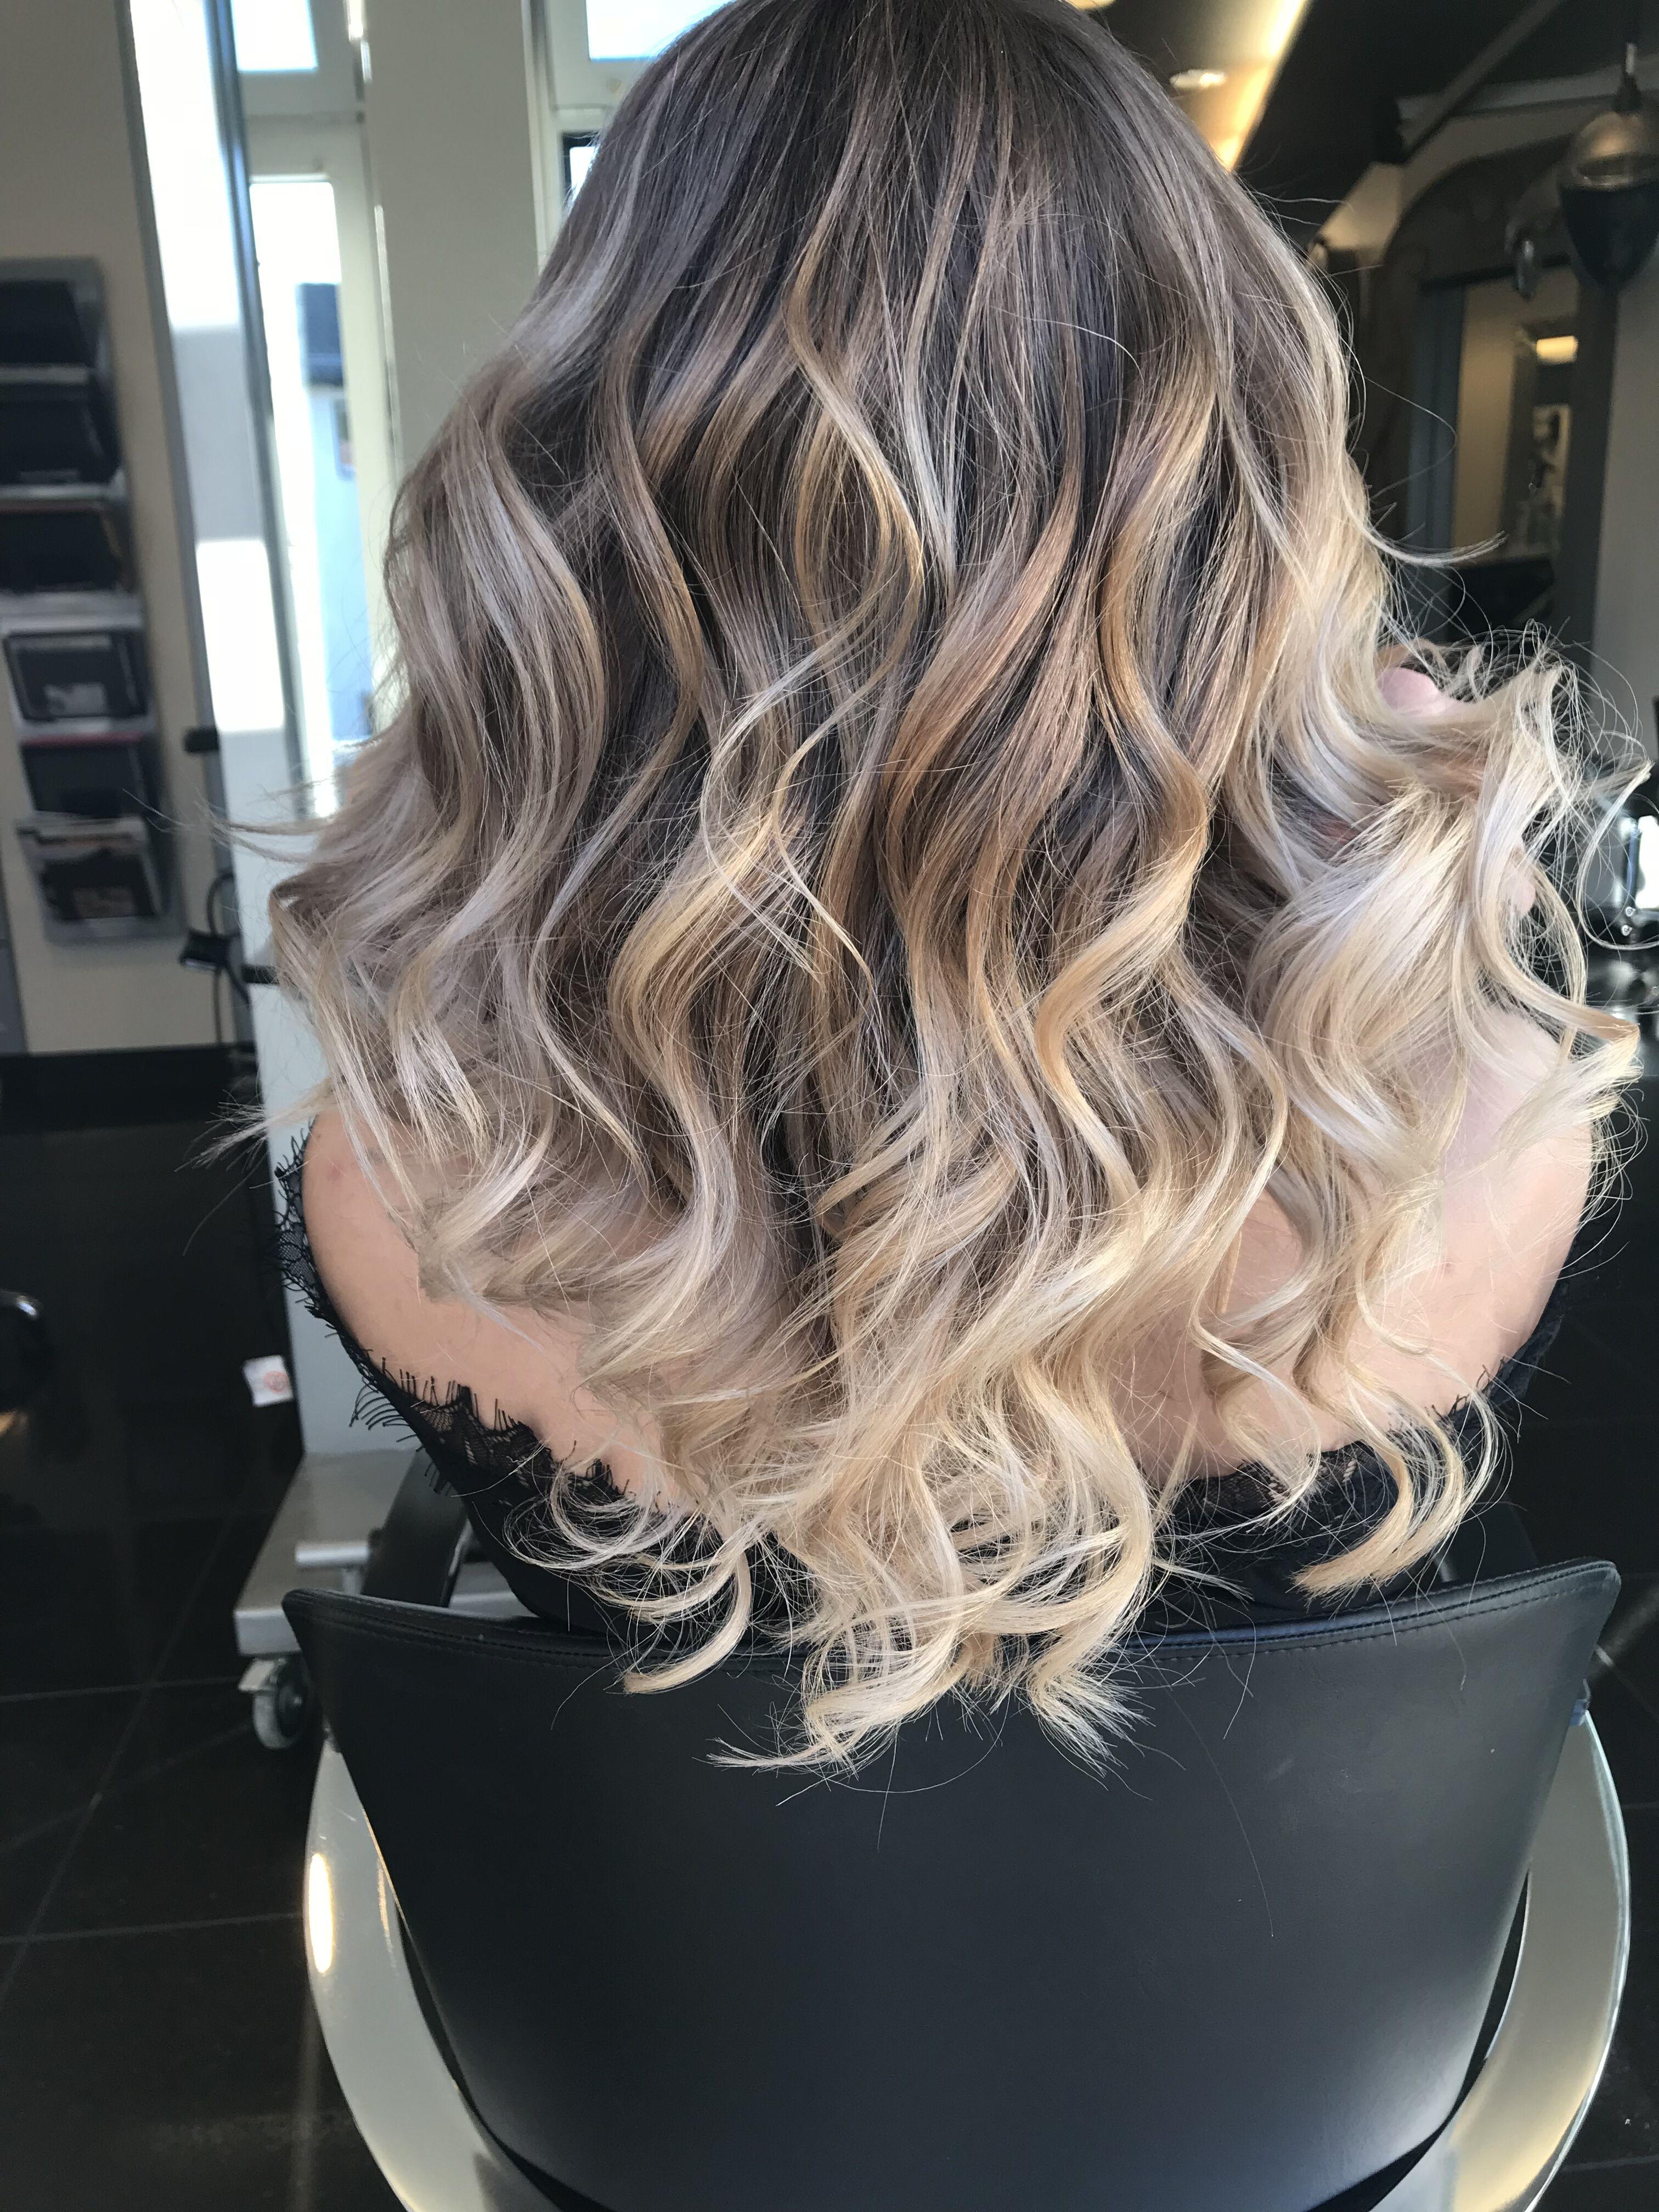 Färben wann haare Haare waschen